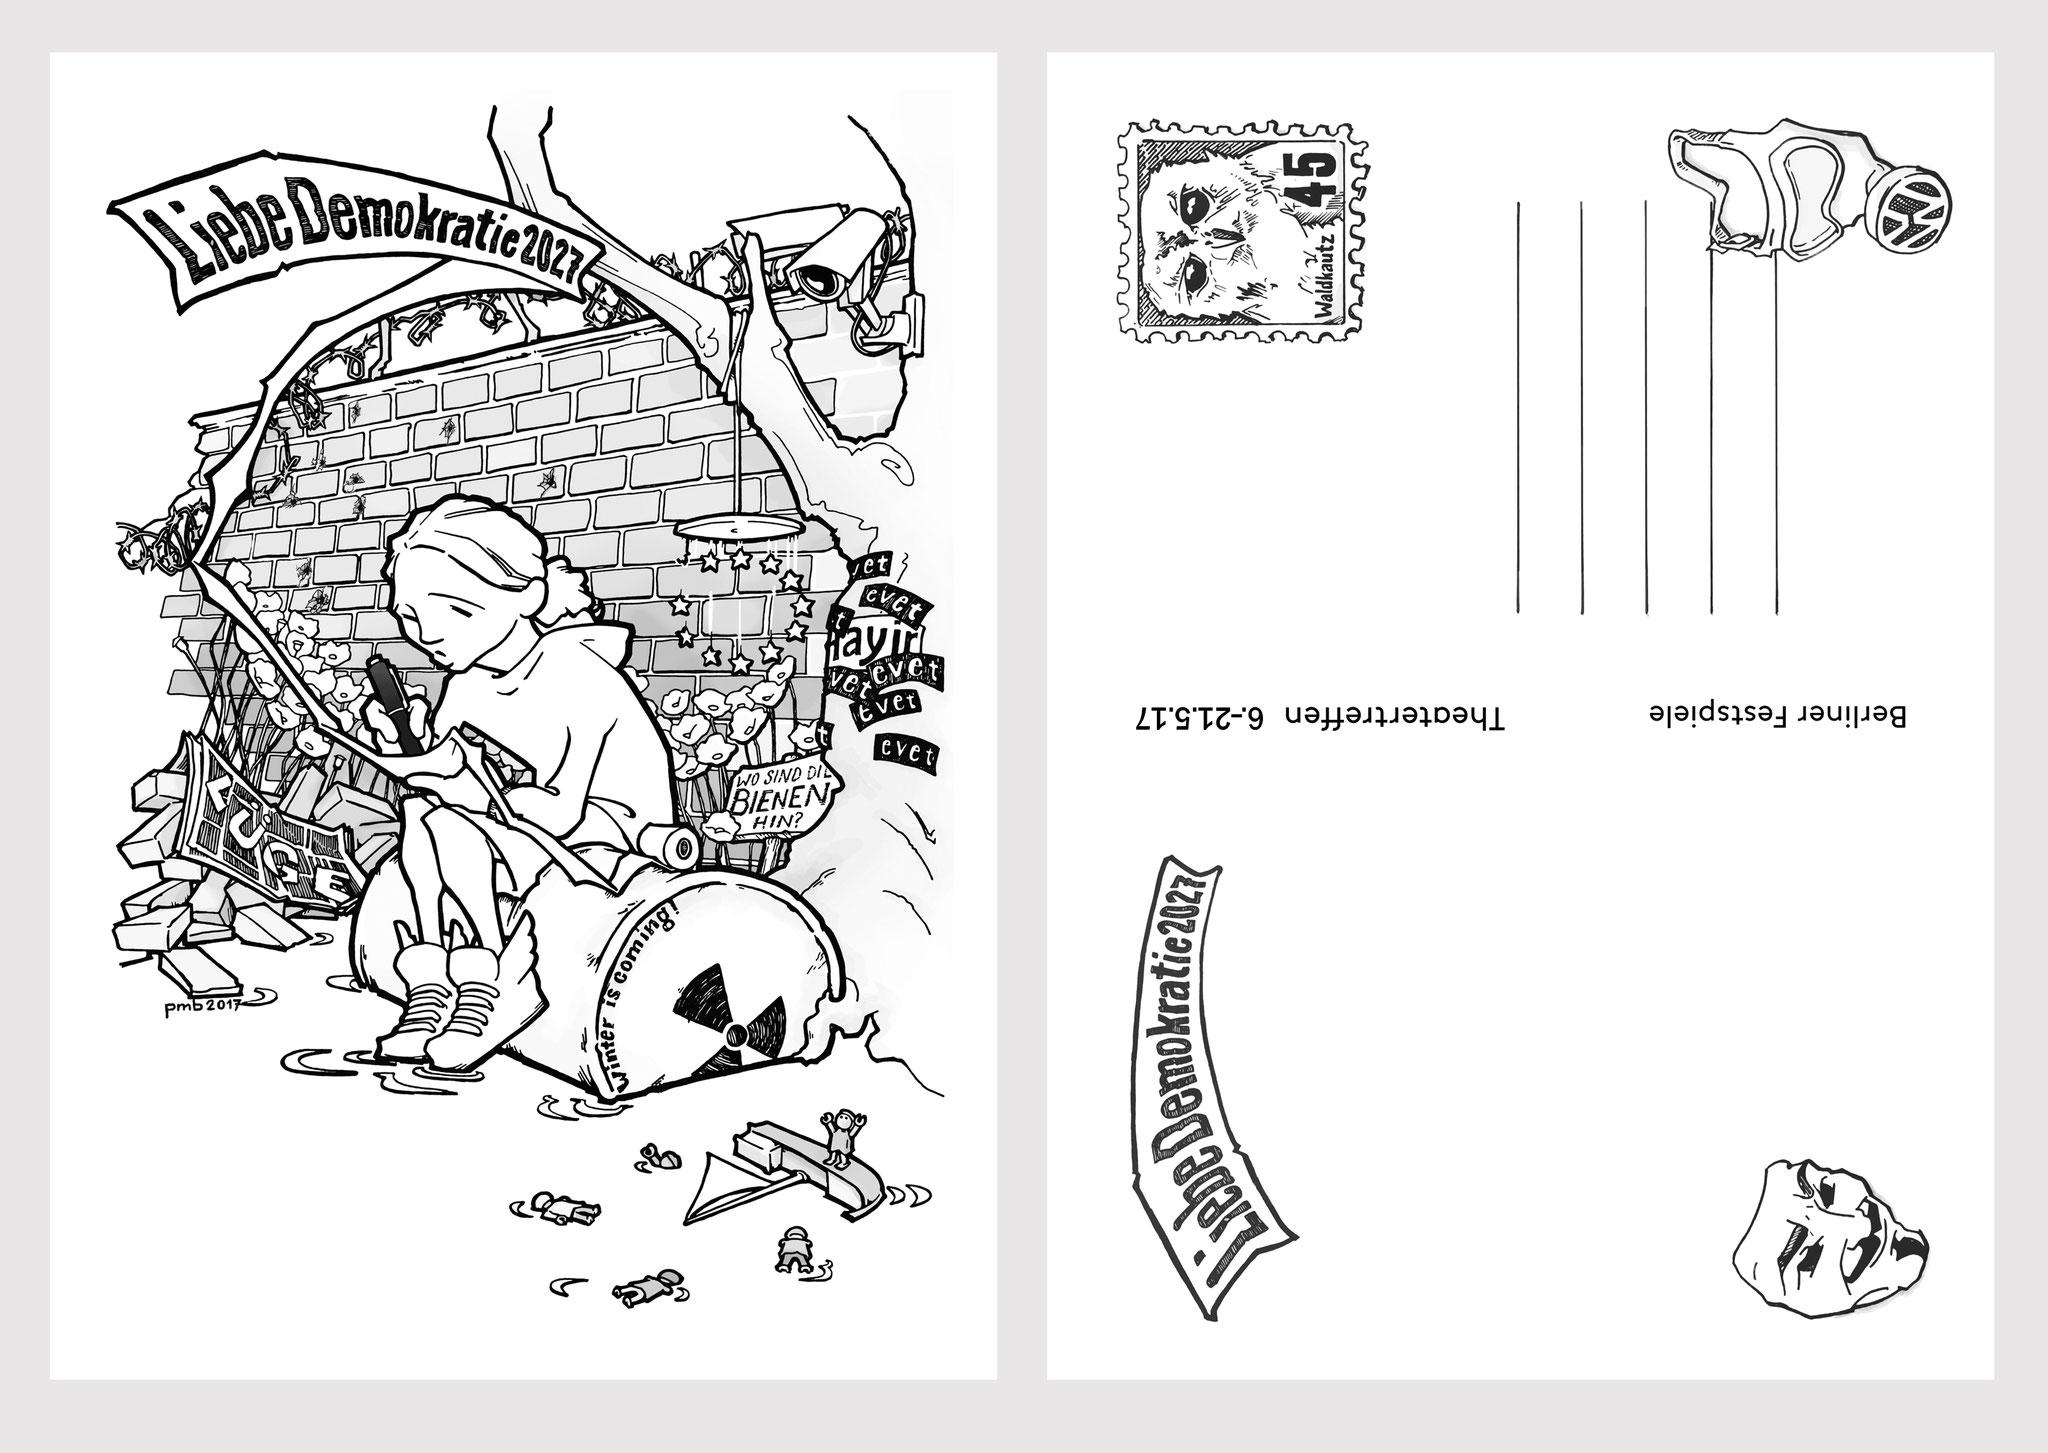 """""""Liebe Demokratie - eine Postkarte in die Zukunft"""" - meine künstlerische Intervention für die Konferenz """"The Art of Democracy"""" beim Stückemarkt des Berliner Theatertreffens 2017."""